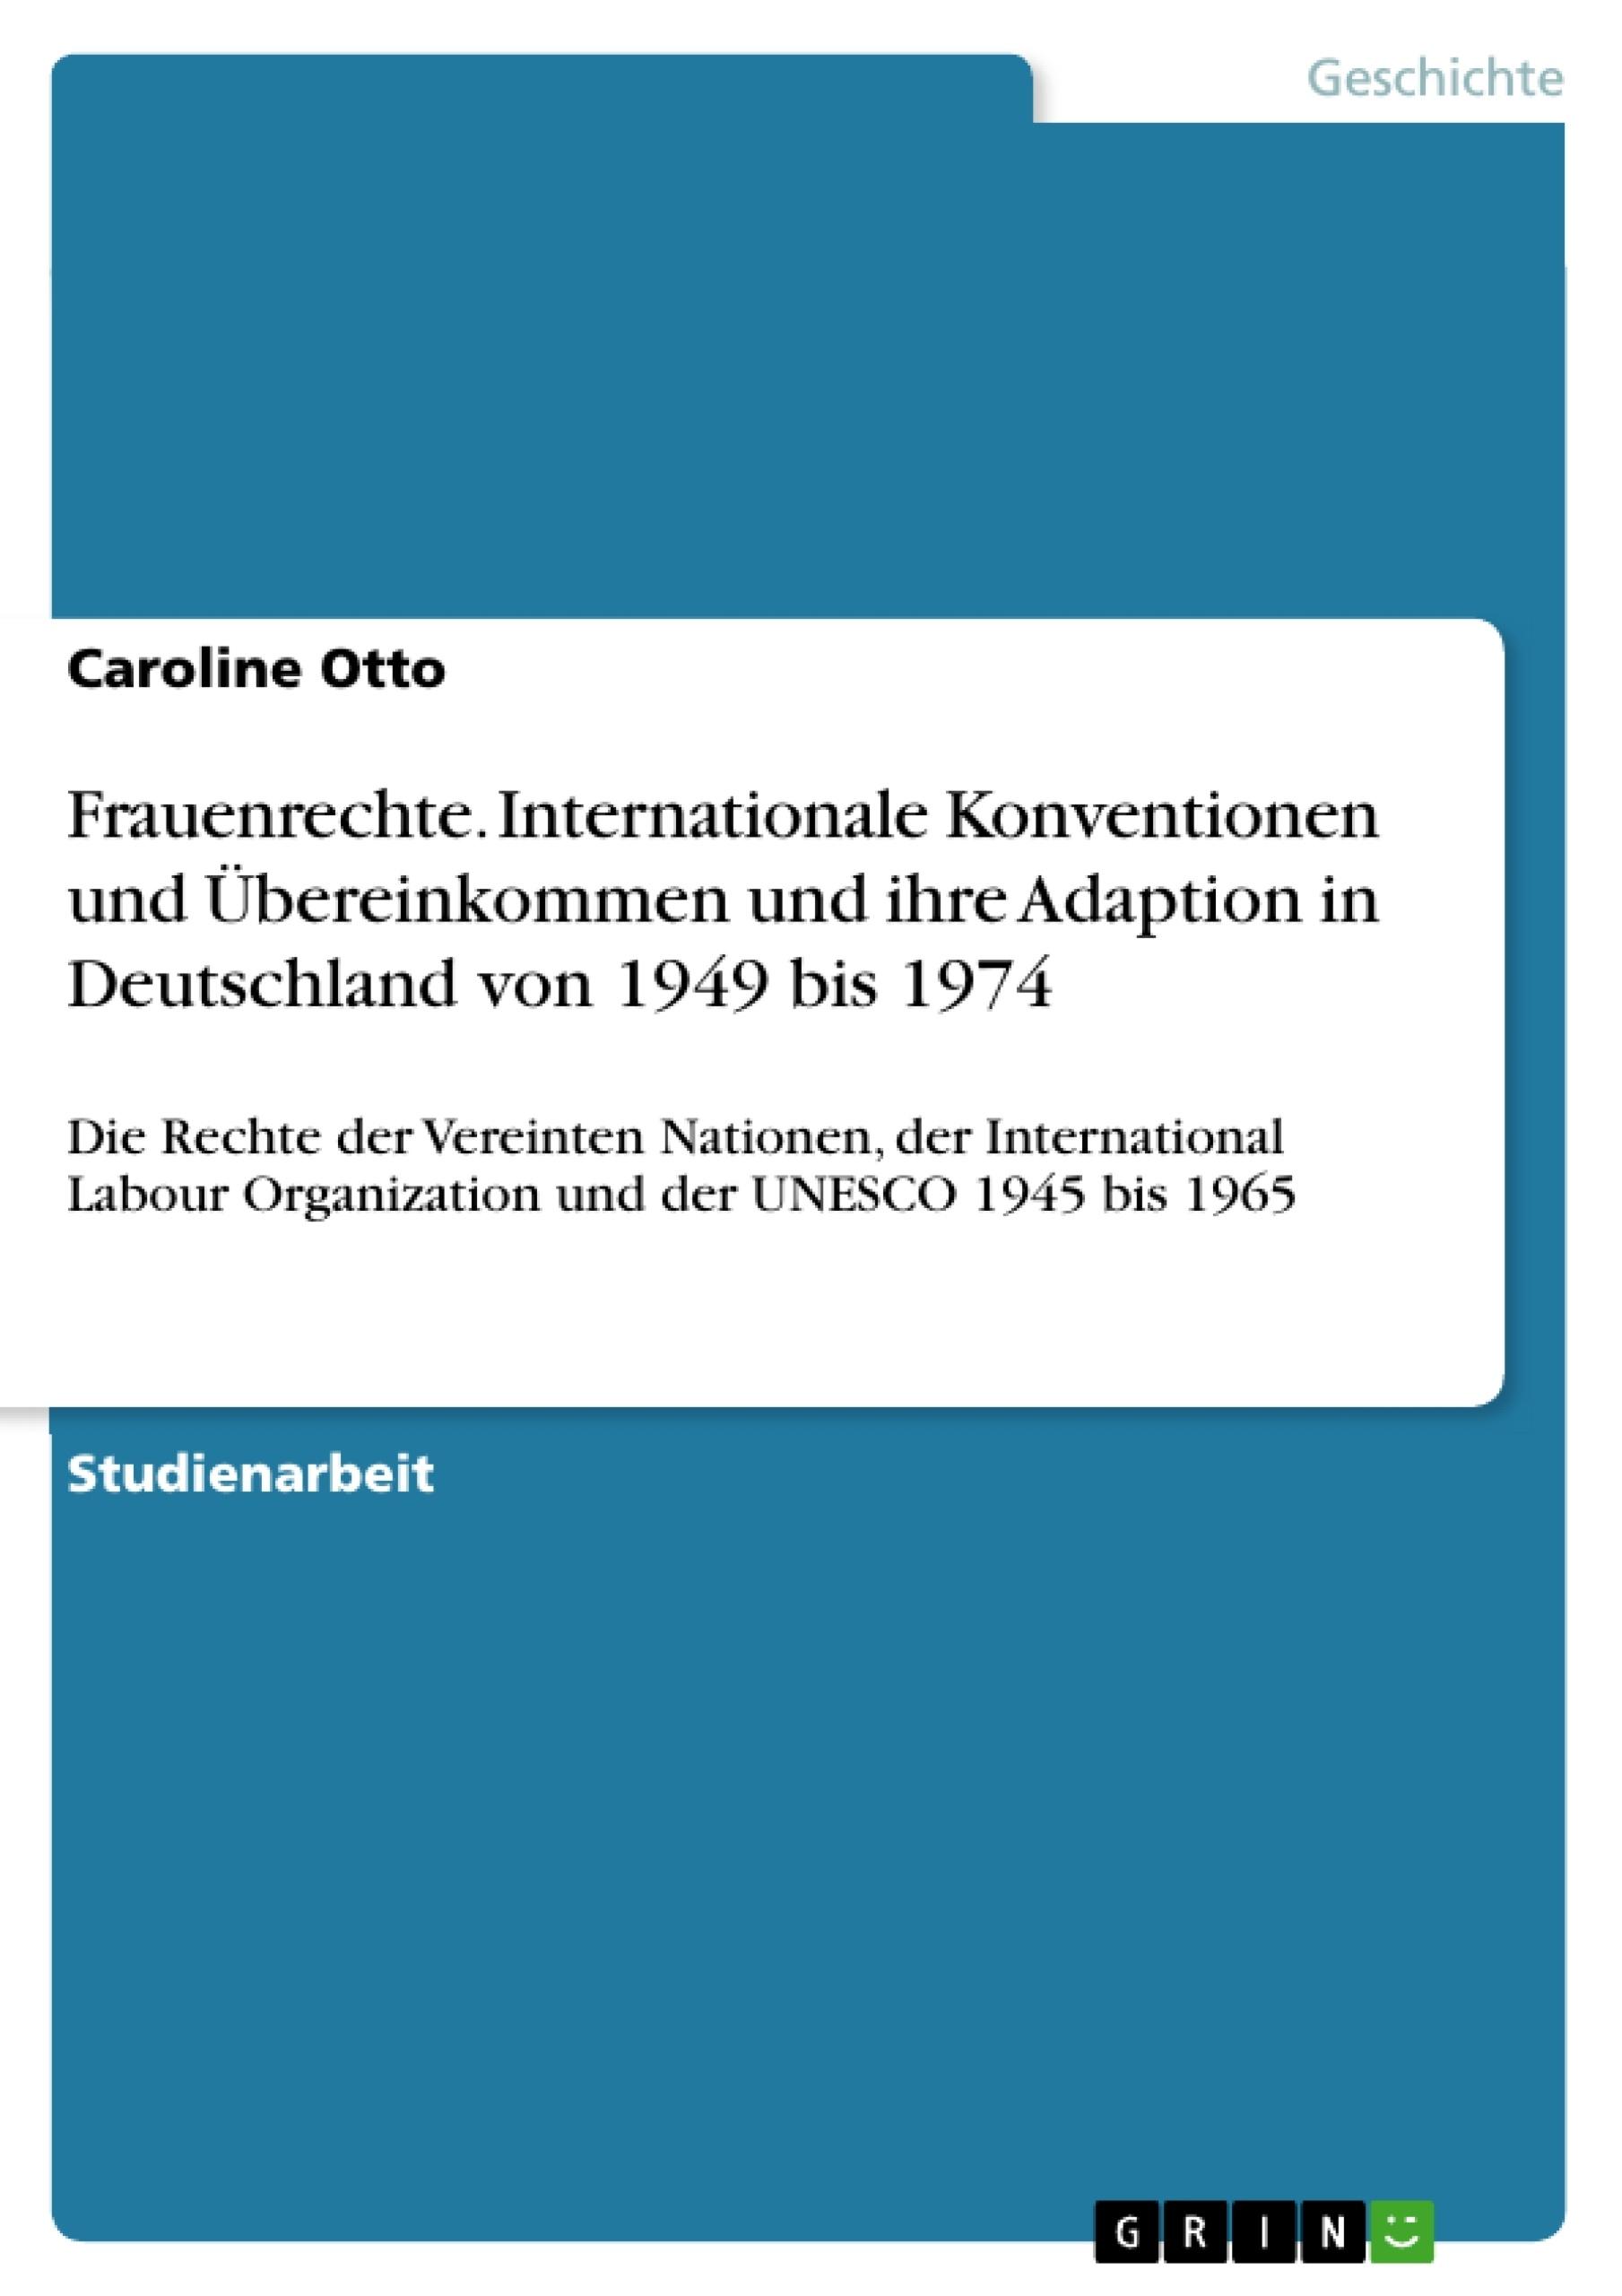 Titel: Frauenrechte. Internationale Konventionen und Übereinkommen und ihre Adaption in Deutschland von 1949 bis 1974